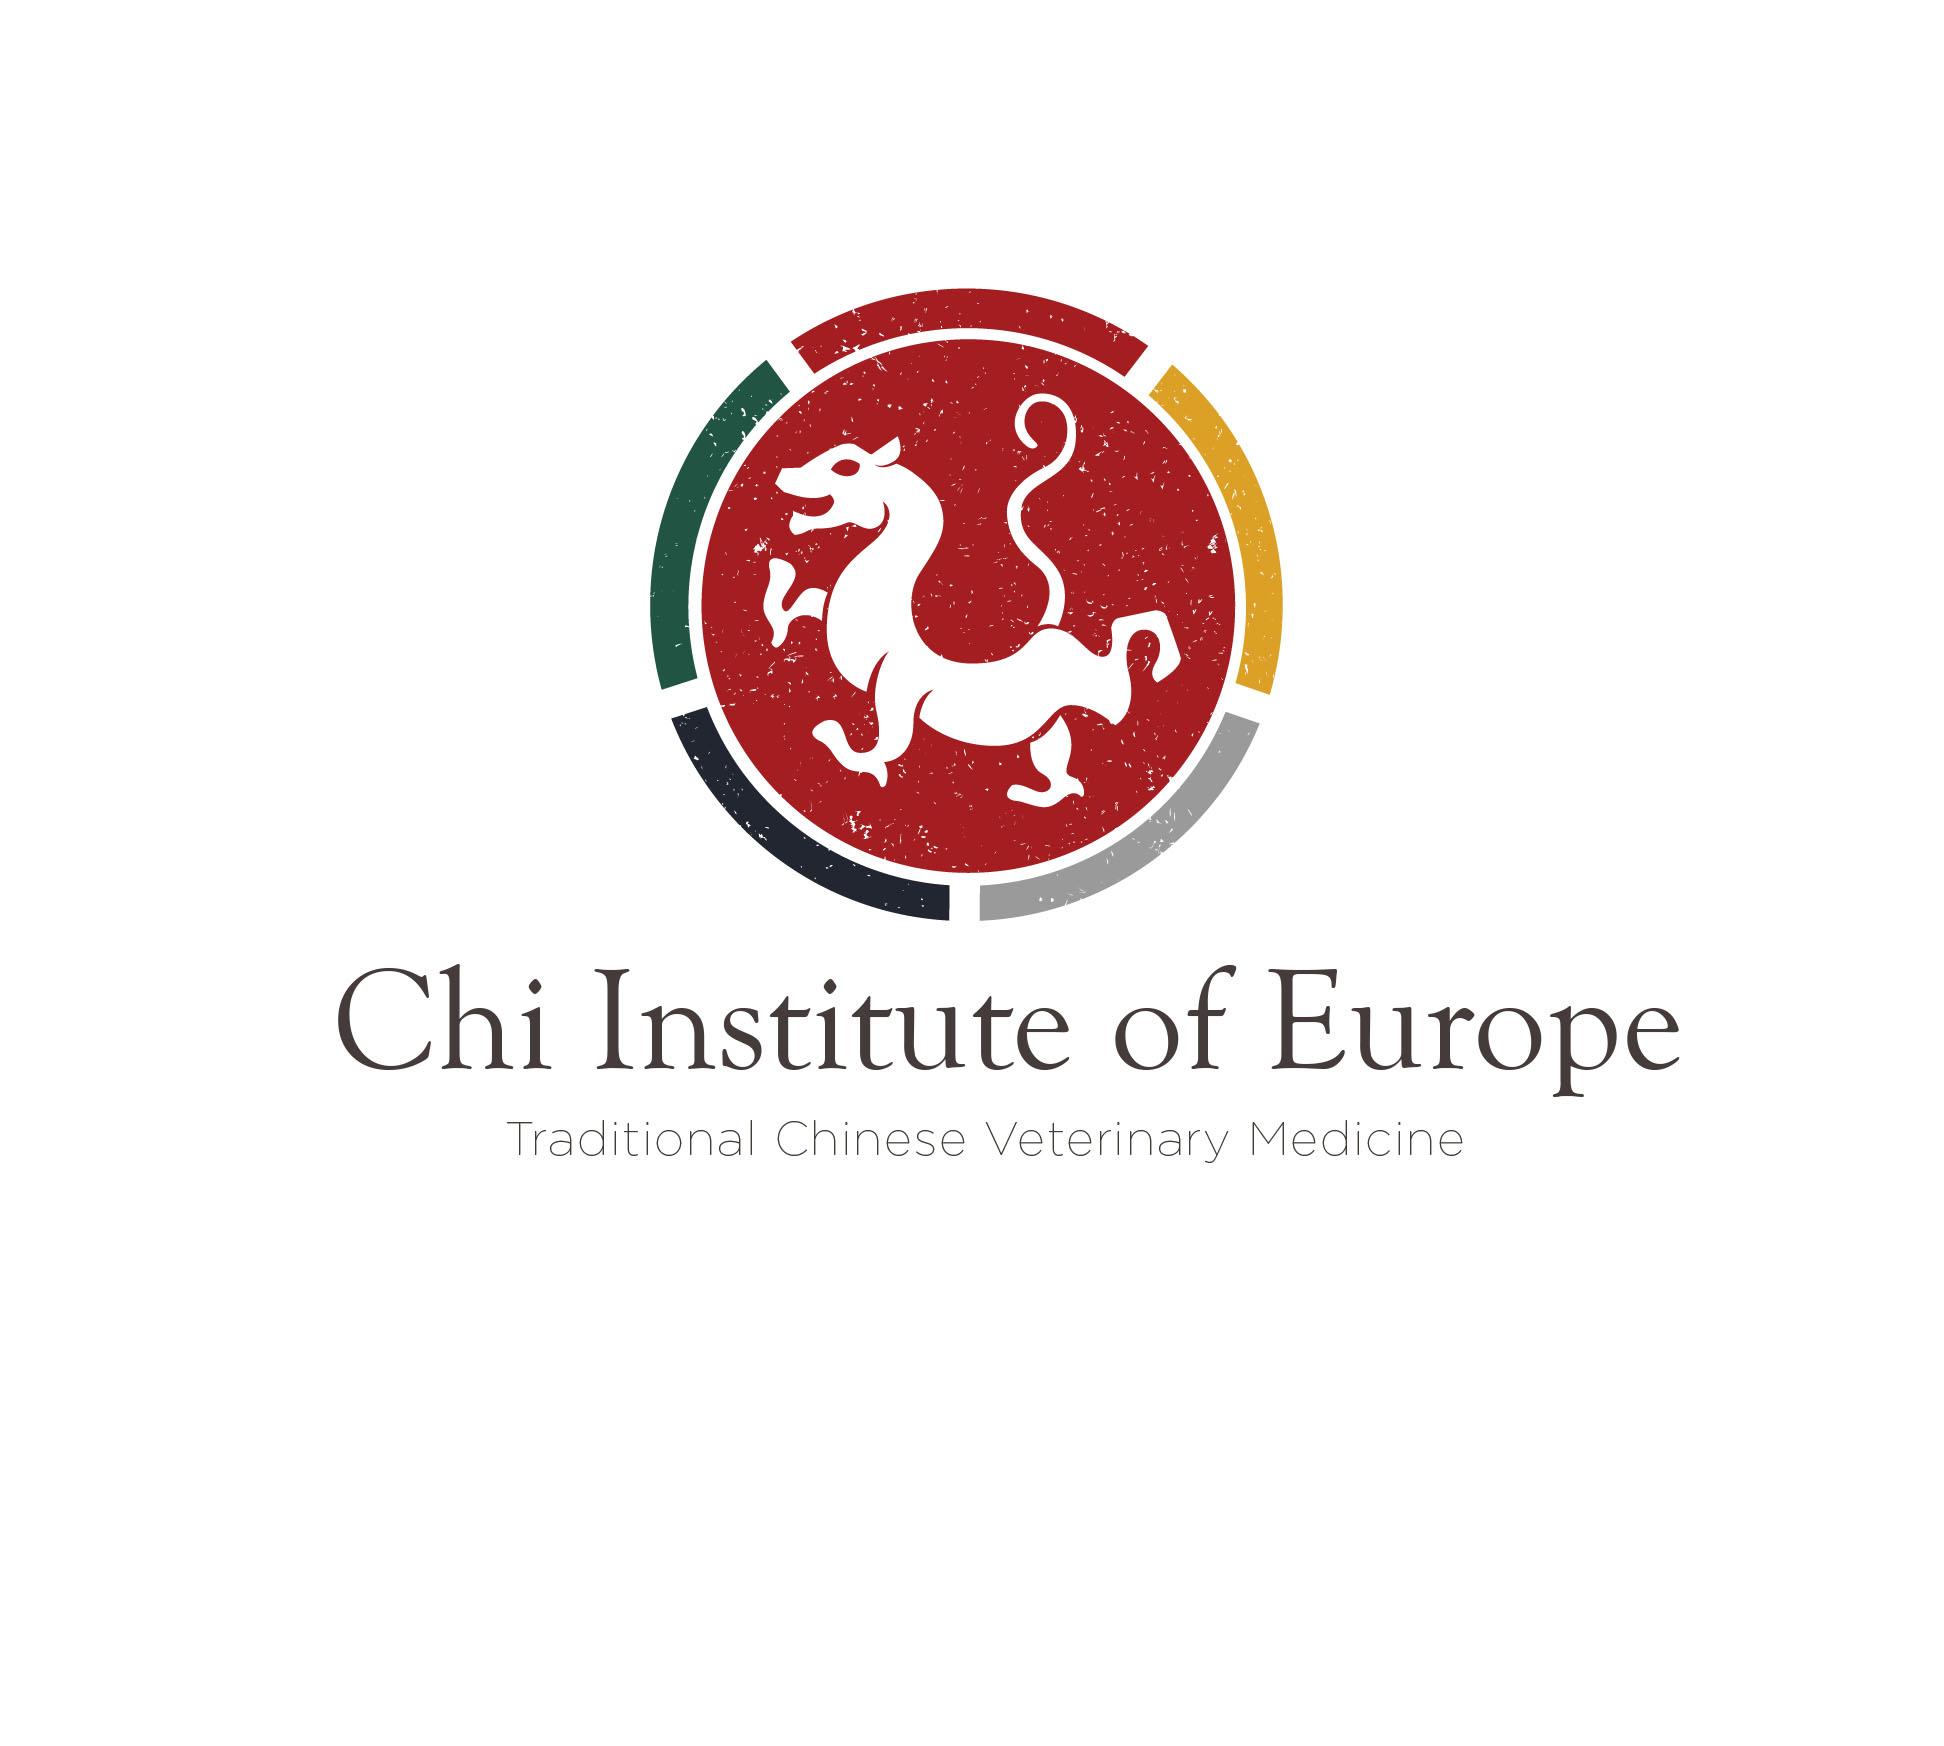 Chi Institute of Europe